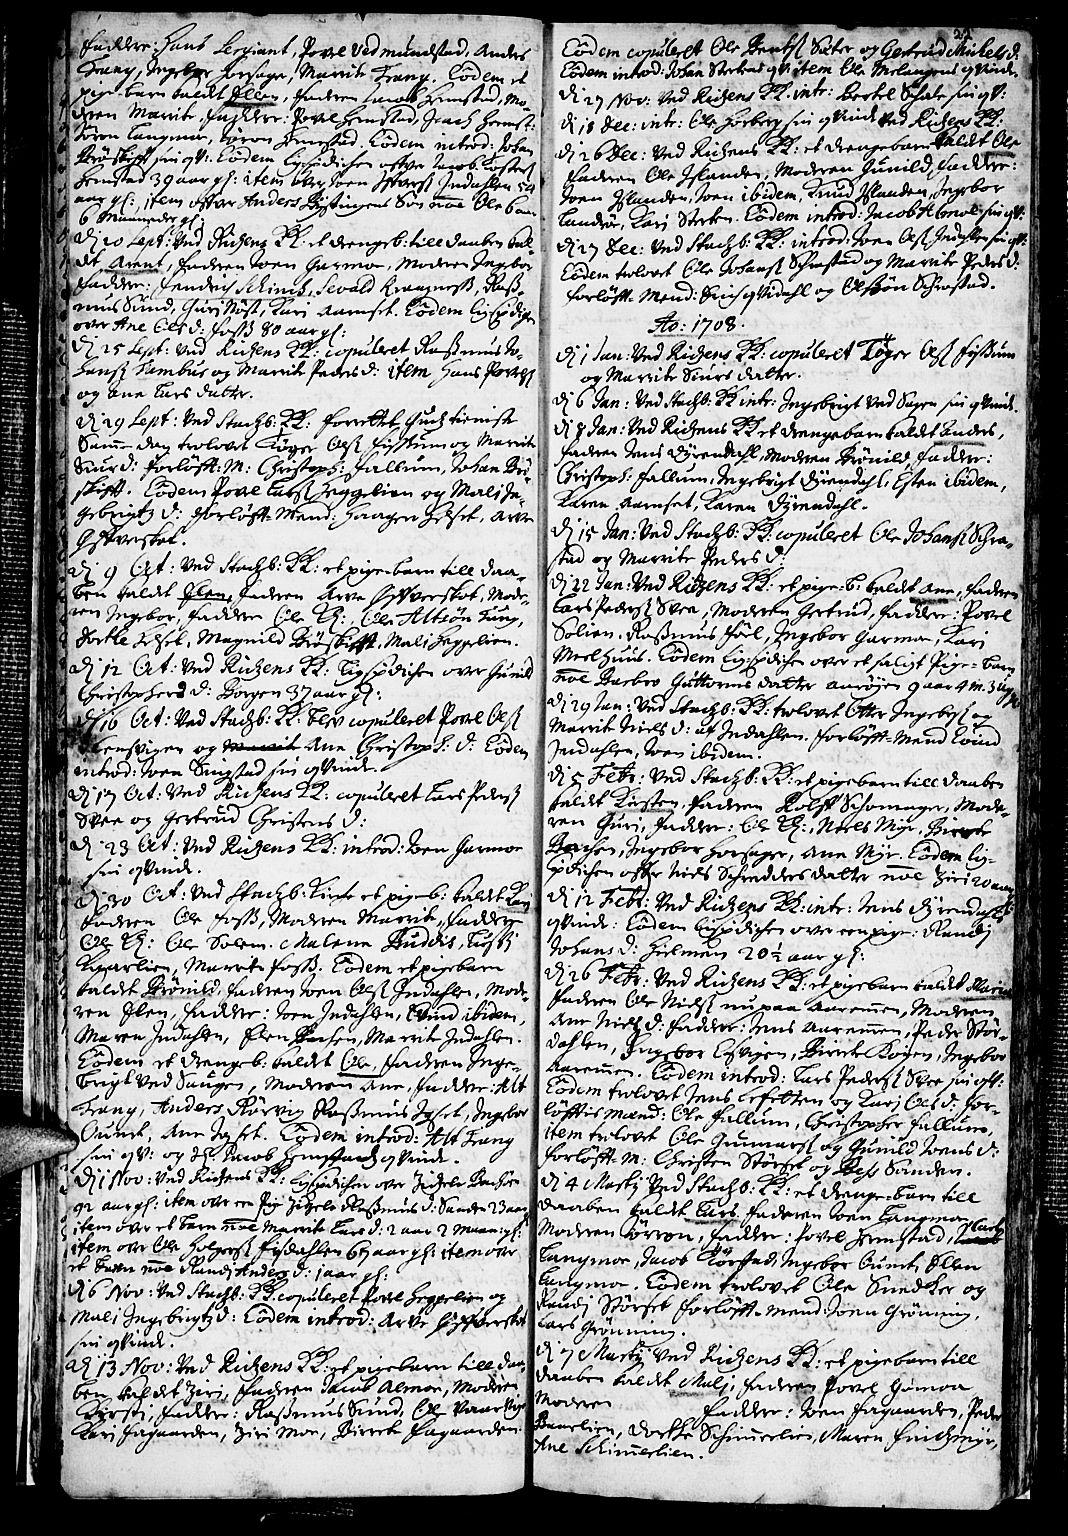 SAT, Ministerialprotokoller, klokkerbøker og fødselsregistre - Sør-Trøndelag, 646/L0603: Ministerialbok nr. 646A01, 1700-1734, s. 22